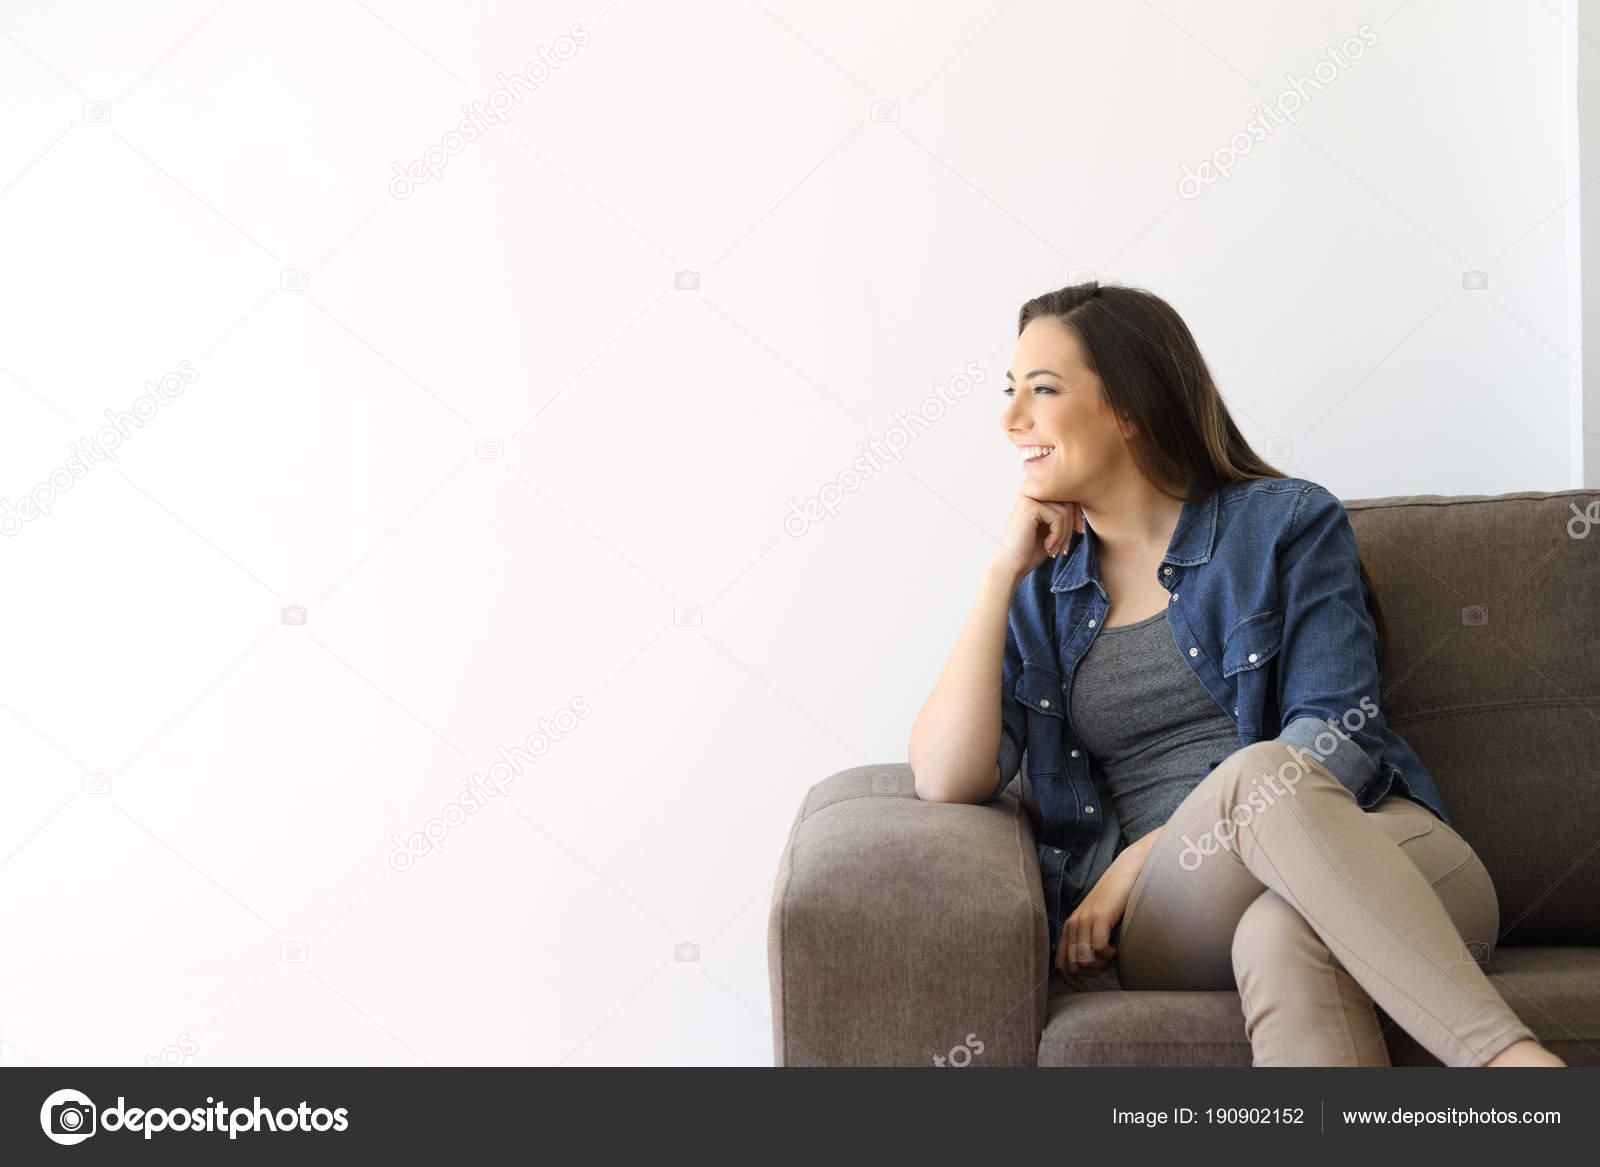 For woman looking single Single Women